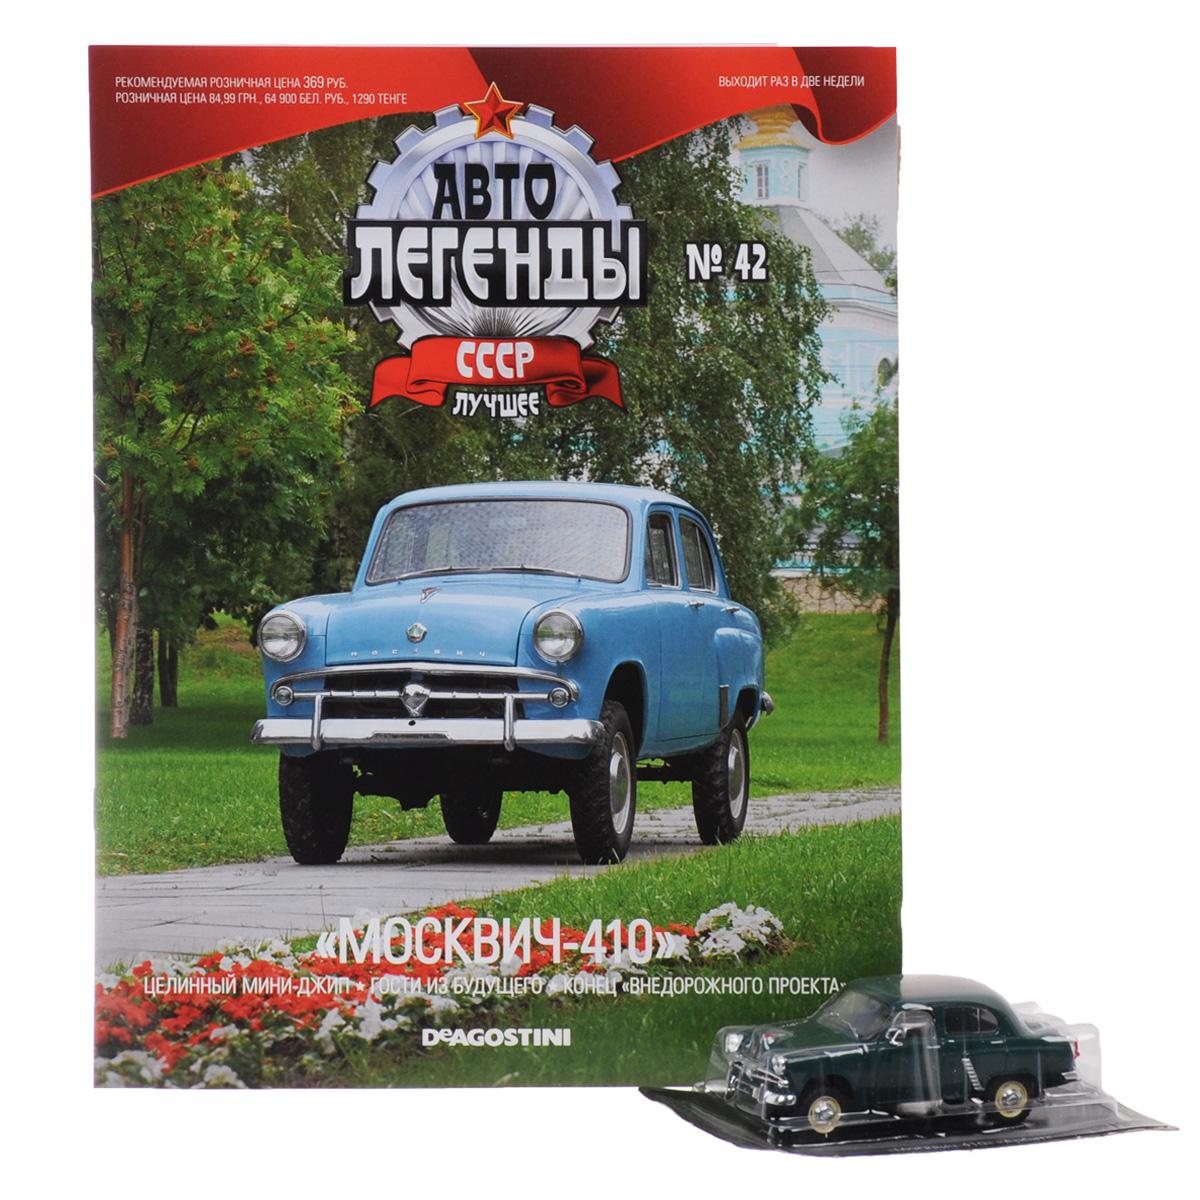 Журнал Авто легенды СССР №42RCRL042В данной серии вы познакомитесь с историей советского автомобилестроения, узнаете, как создавались отечественные машины. Многих героев издания теперь можно встретить только в музеях. Другие, несмотря на почтенный возраст, до сих пор исправно служат своим хозяевам. В журнале вы узнаете, как советские конструкторы создавали автомобили, тщательно изучая опыт зарубежных коллег, воплощая их наиболее удачные находки в своих детищах. А особые ценители смогут ознакомиться с подробными техническими характеристиками и биографией отдельных моделей и их создателей. С каждым номером все читатели журнала Автолегенды СССР получают миниатюрный автомобиль. Маленькие, но удивительно точные копии с оригинала помогут вам открыть для себя увлекательный мир автомобилей в стиле ретро! В данный номер вошла модель автомобиля Москвич-410 Арбат. Размеры модели: 9 х 4 х 3,5 см. Категория 16+.